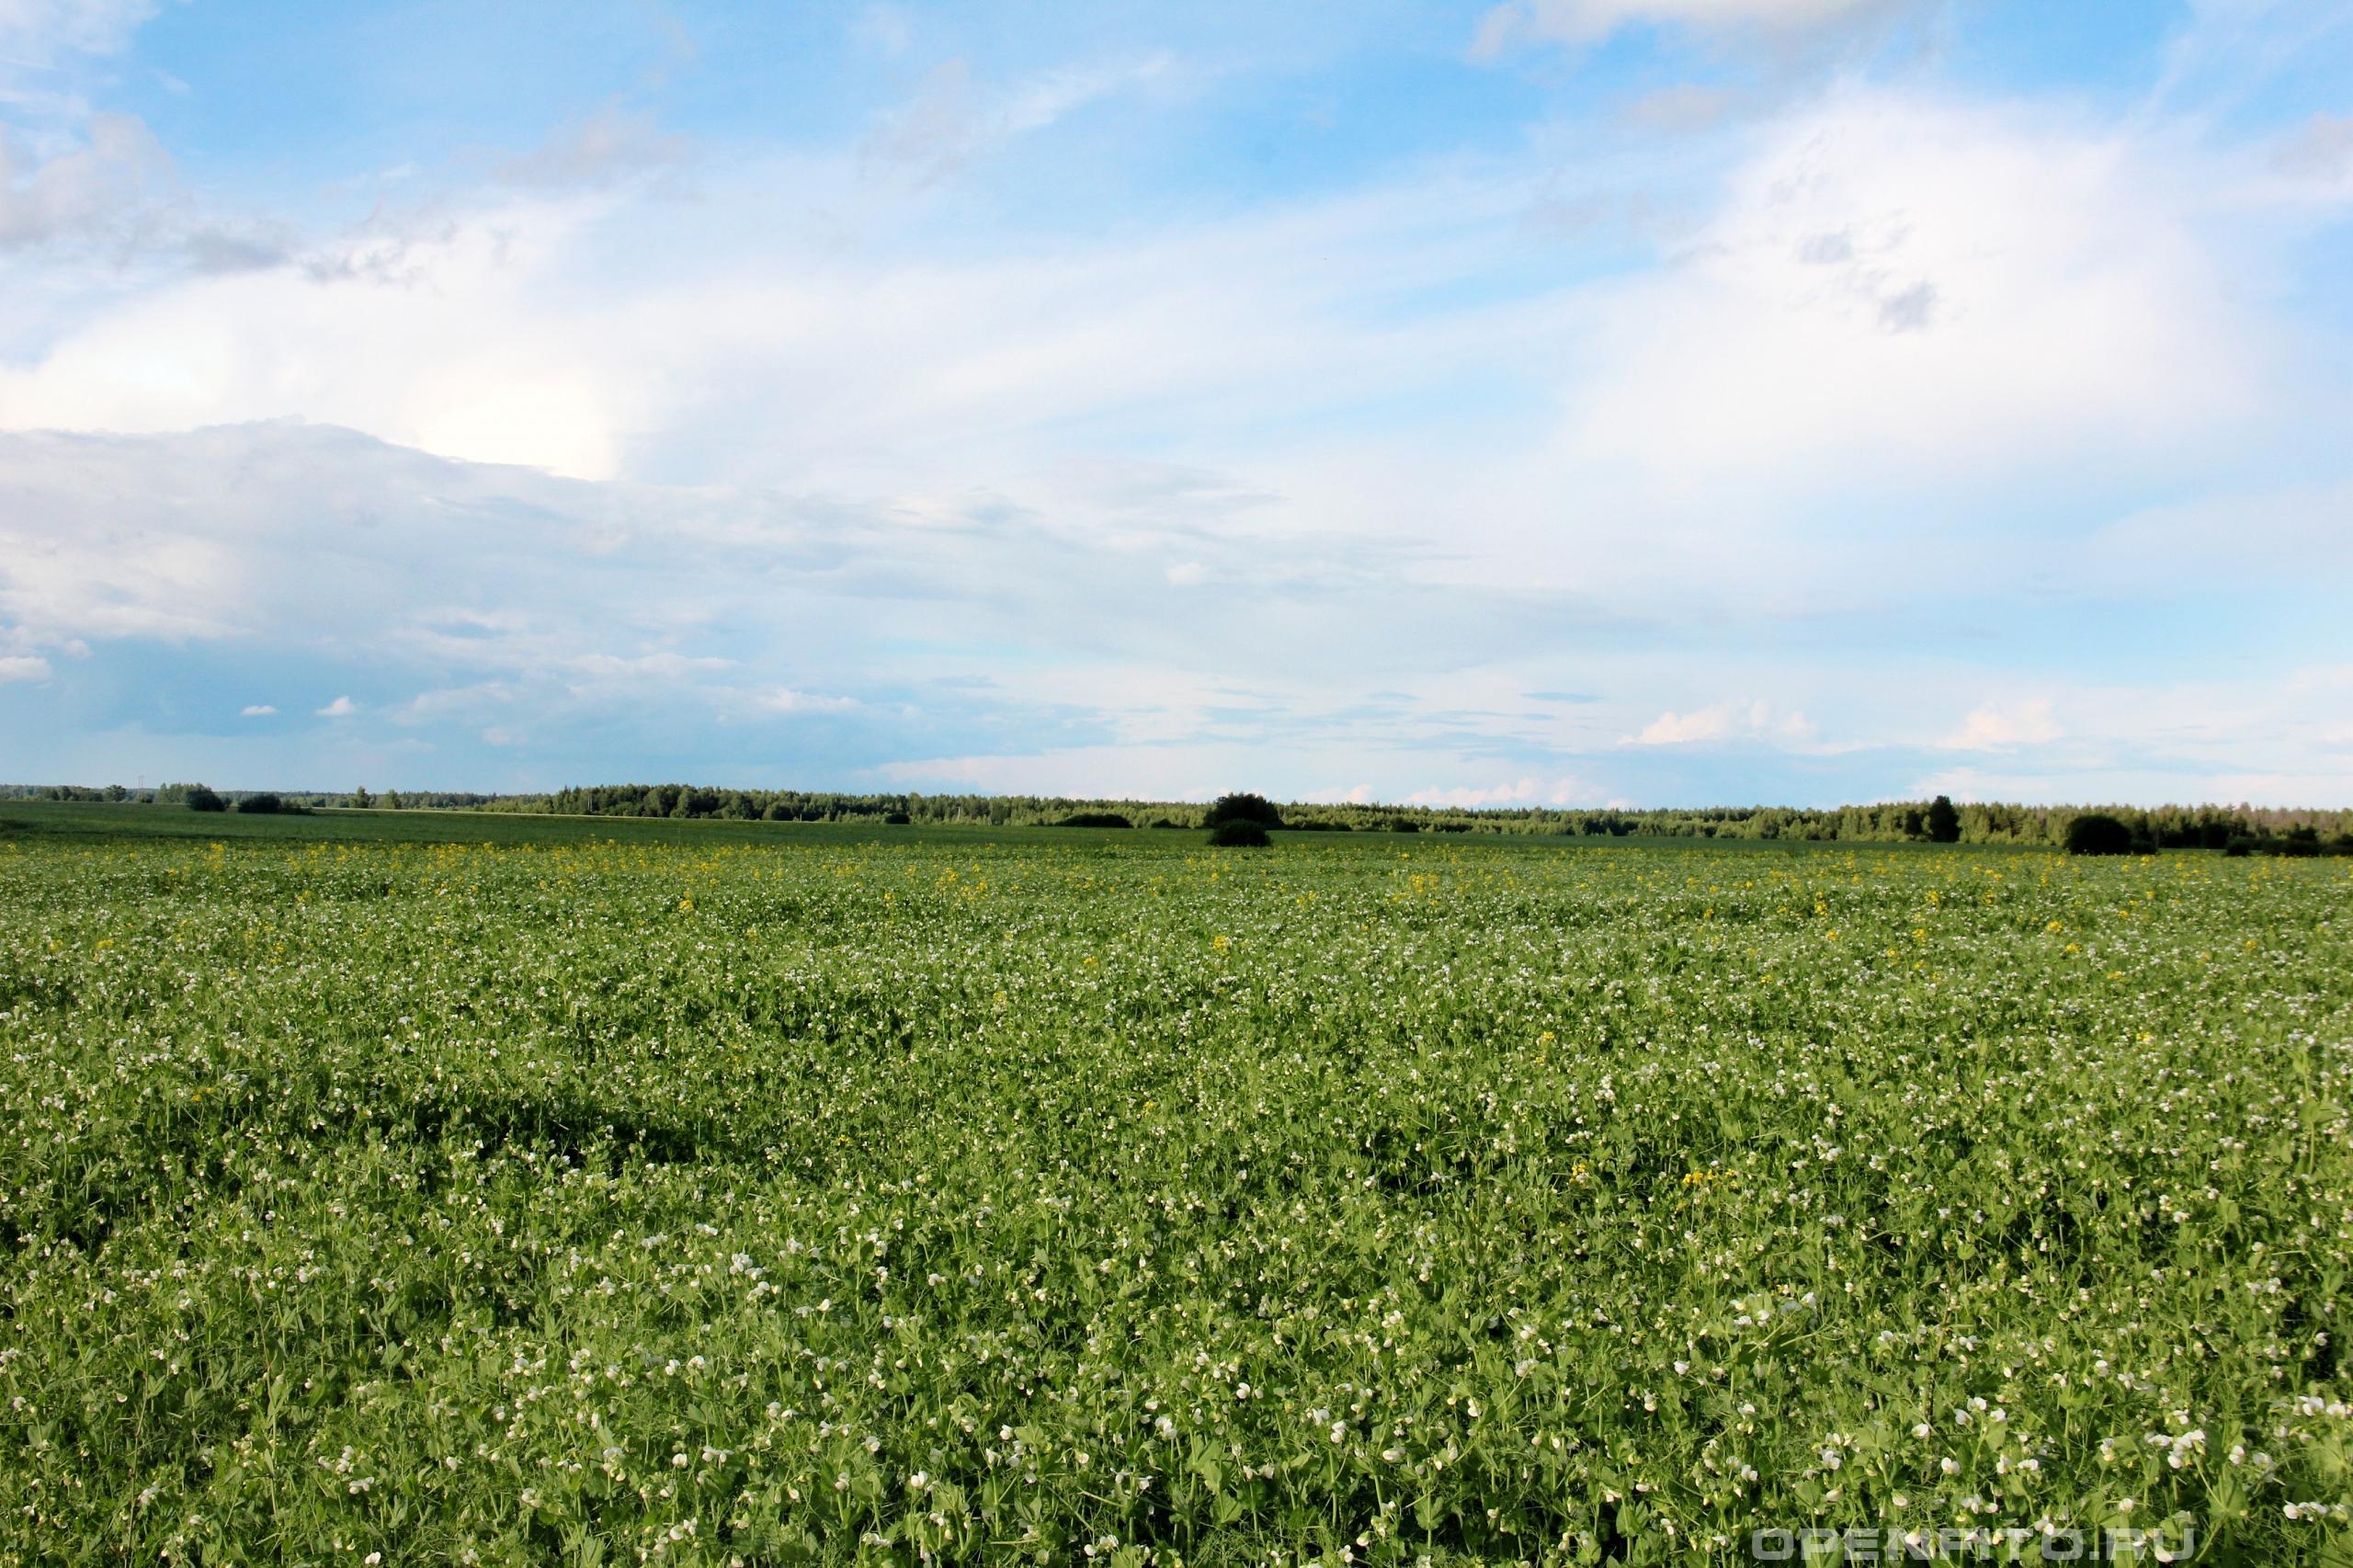 Горох посевной поле засеянное горохом